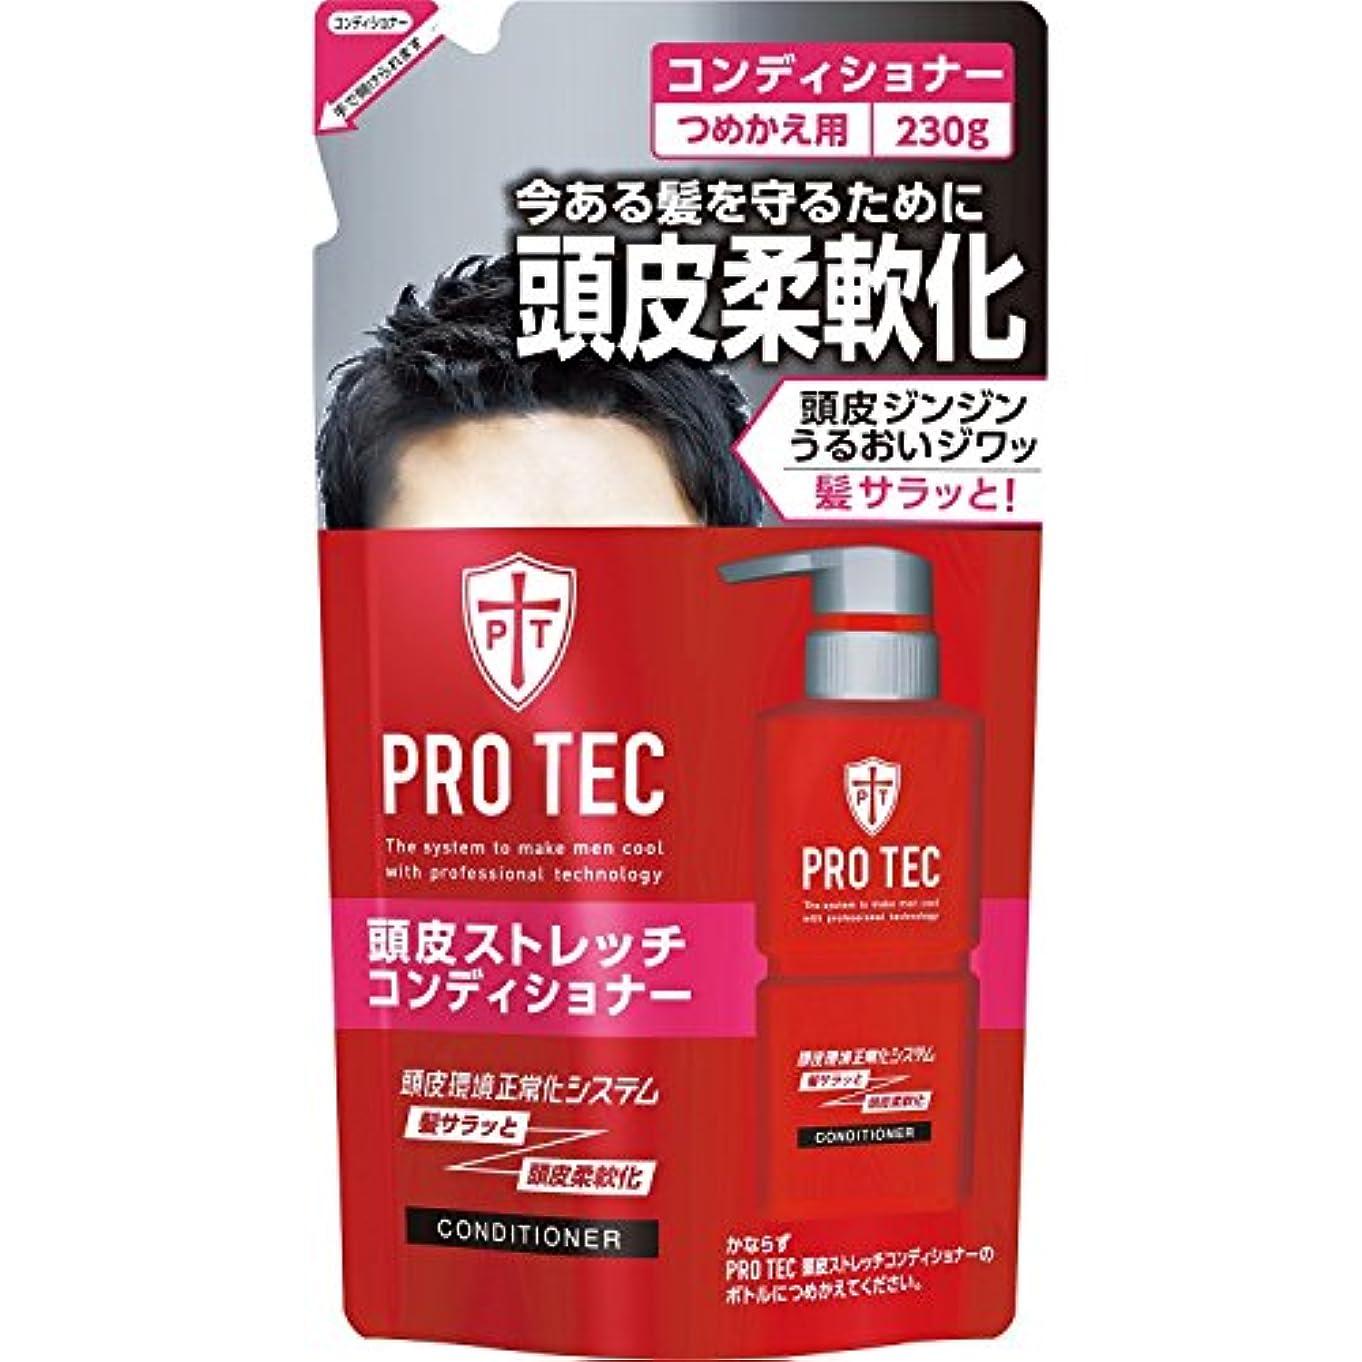 好む理解するとまり木PRO TEC(プロテク) 頭皮ストレッチ コンディショナー 詰め替え 230g